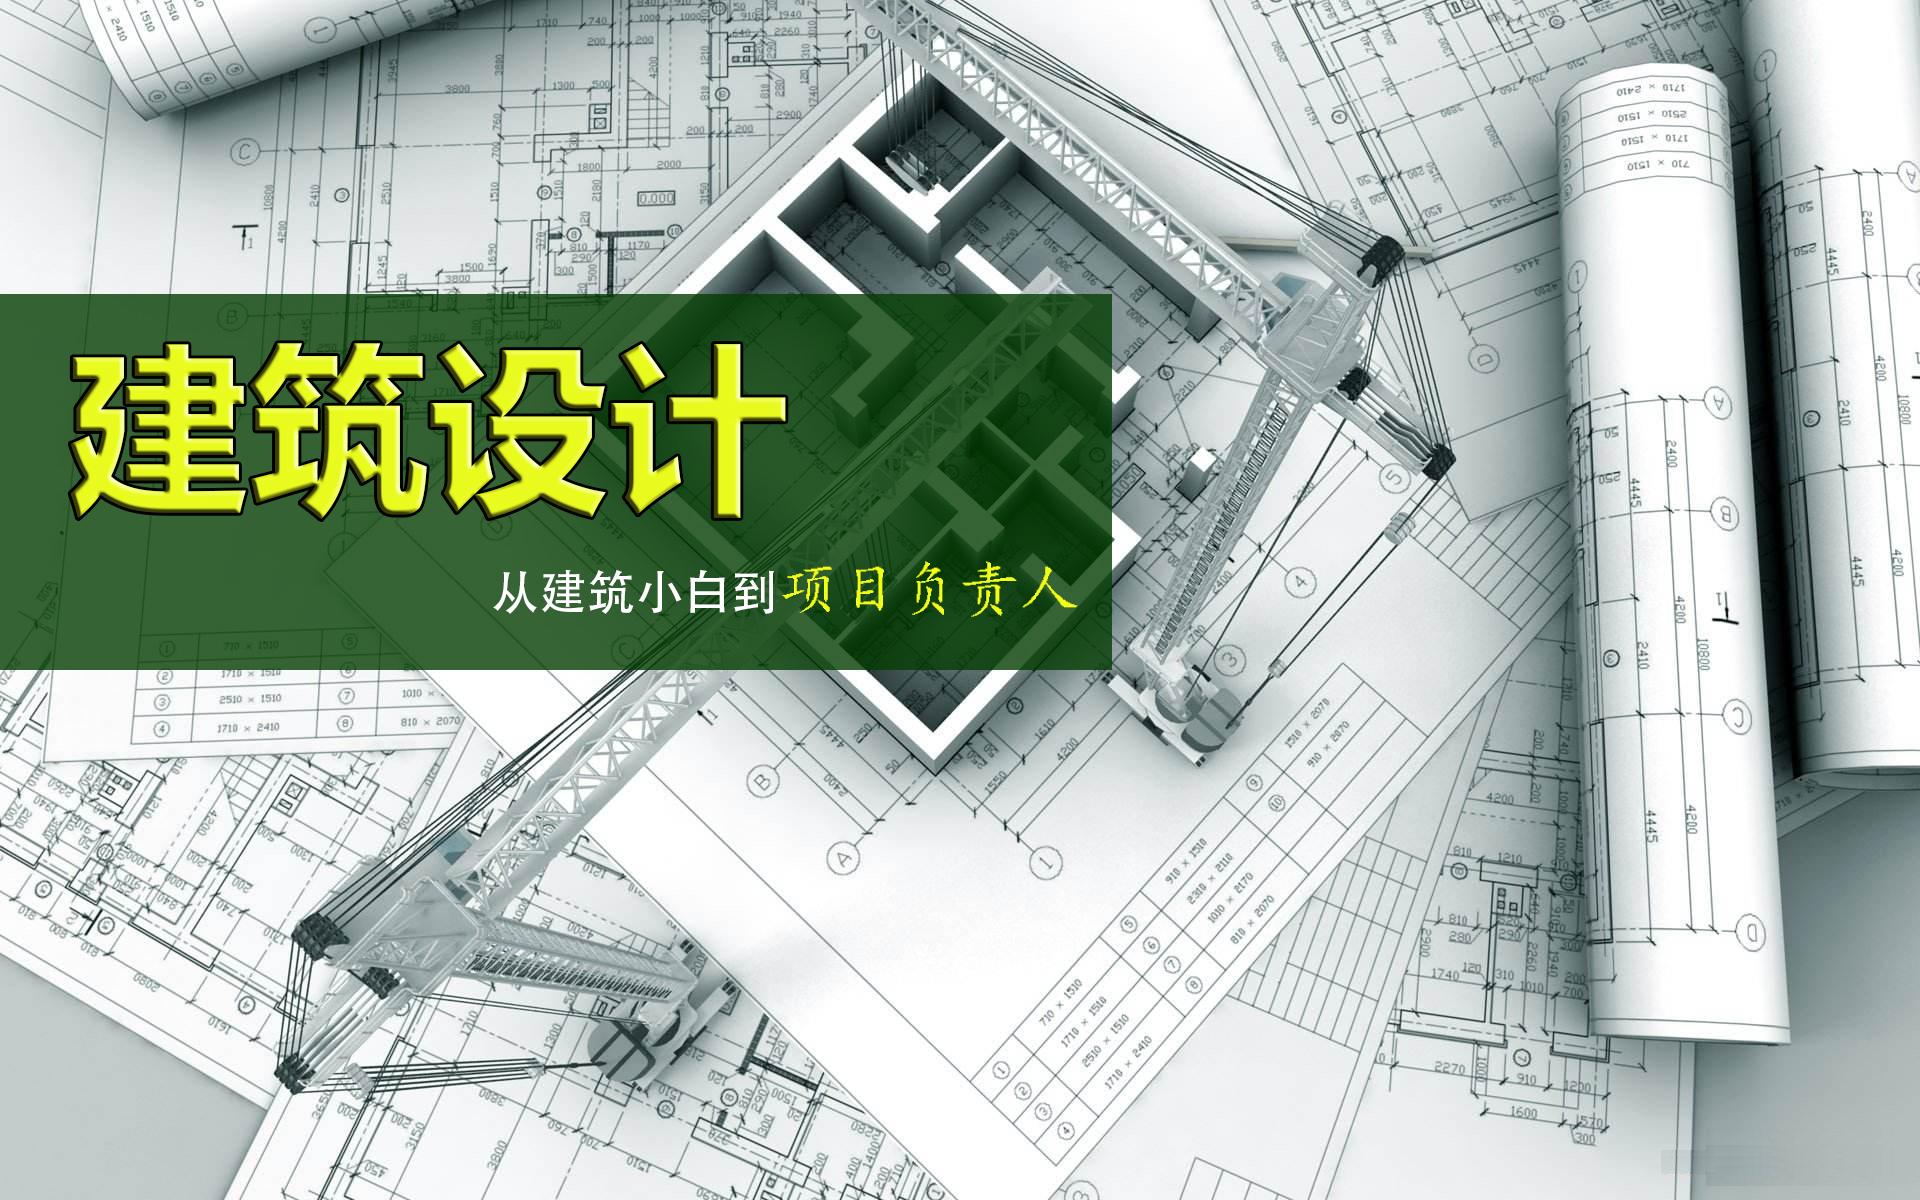 天正建筑设计从建筑小白到项目负责人